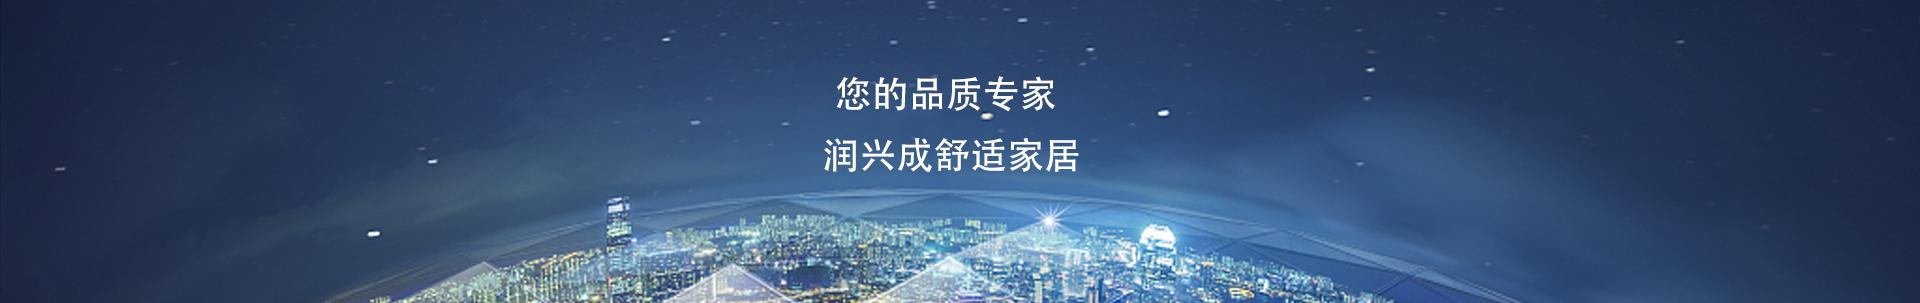 青岛空调品牌